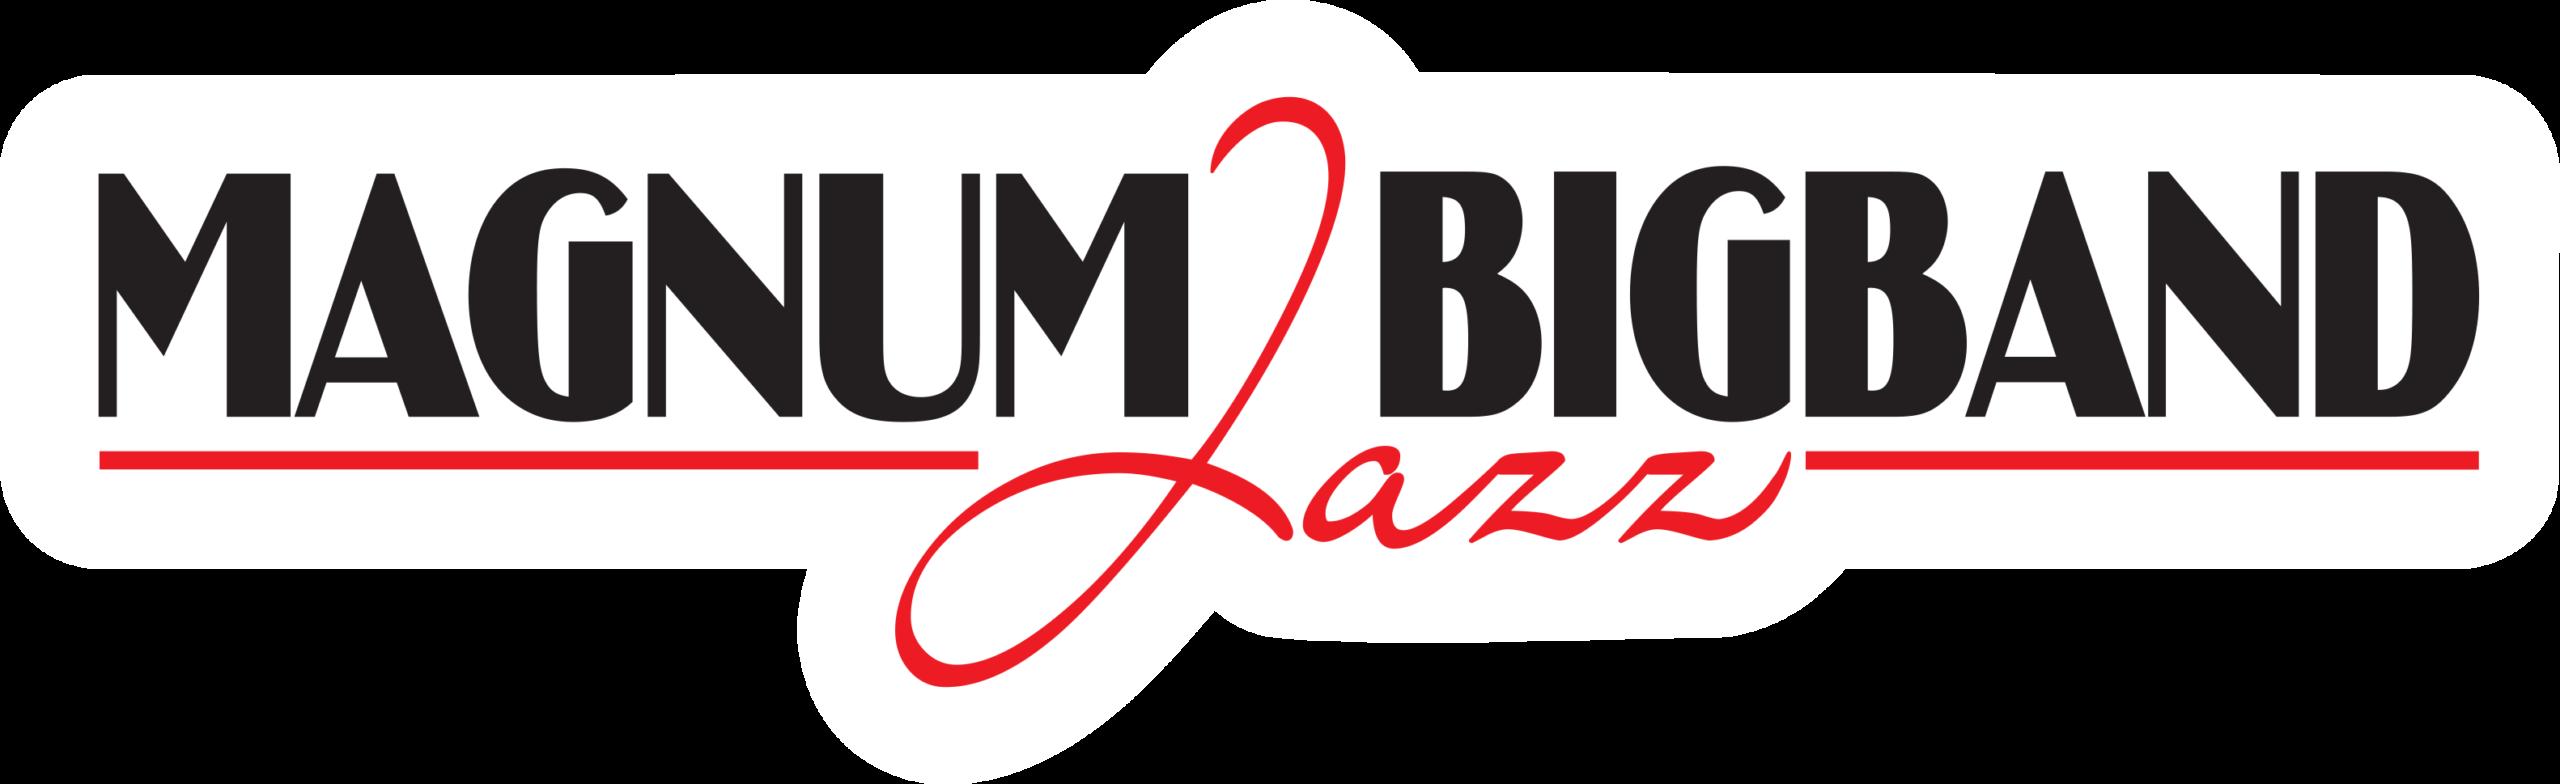 www.magnumjazzbigband.cz